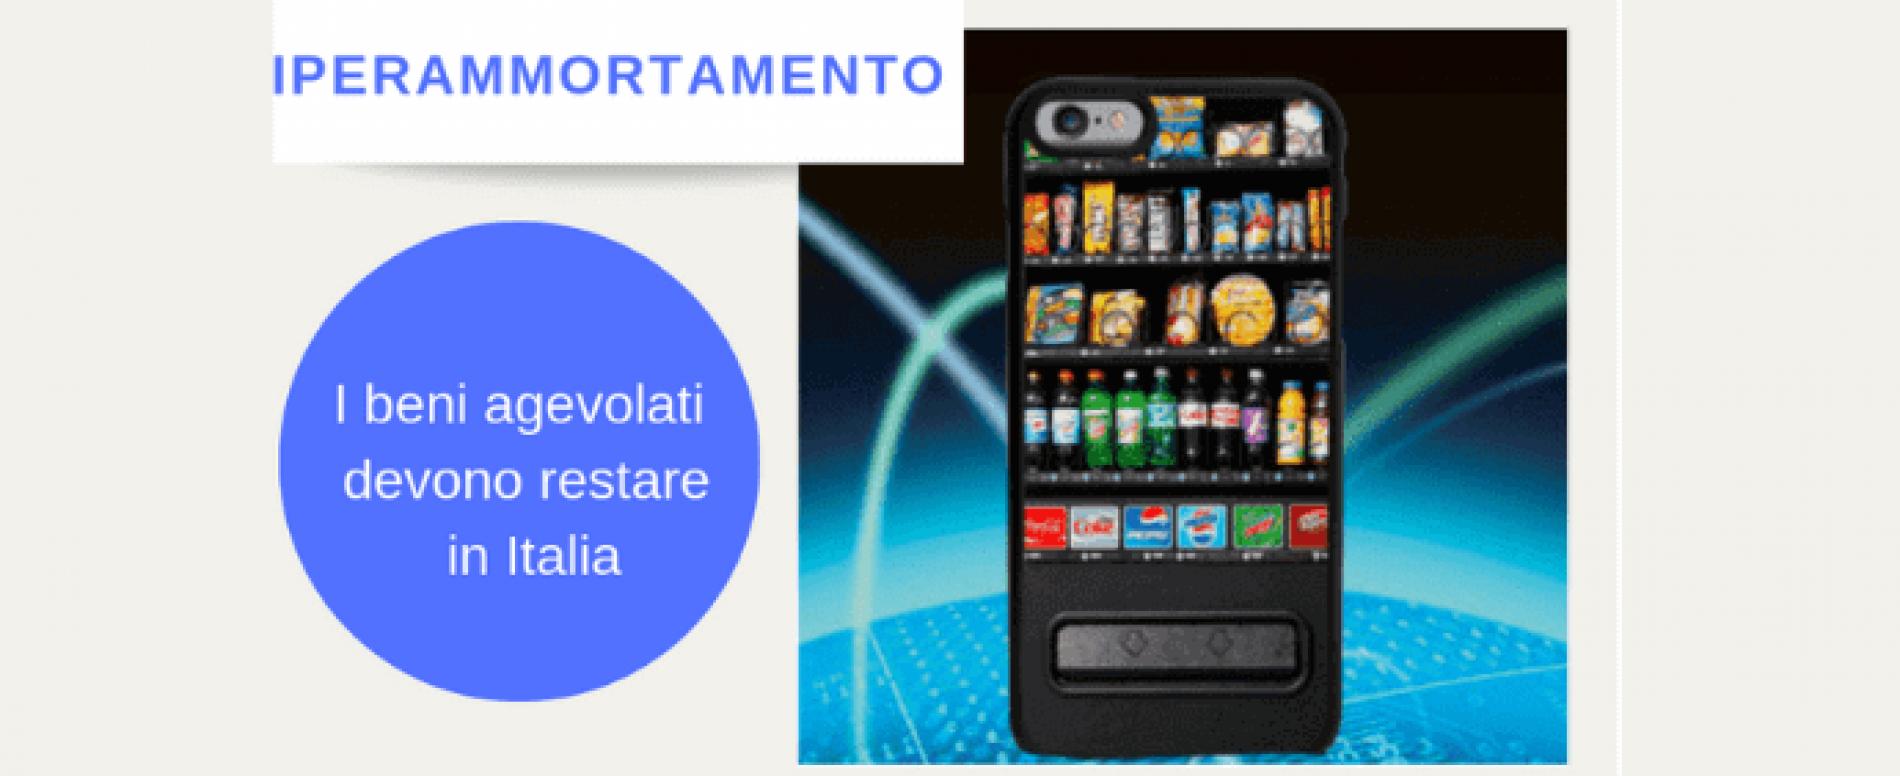 Iperammortamento: i beni agevolabili devono restare in Italia